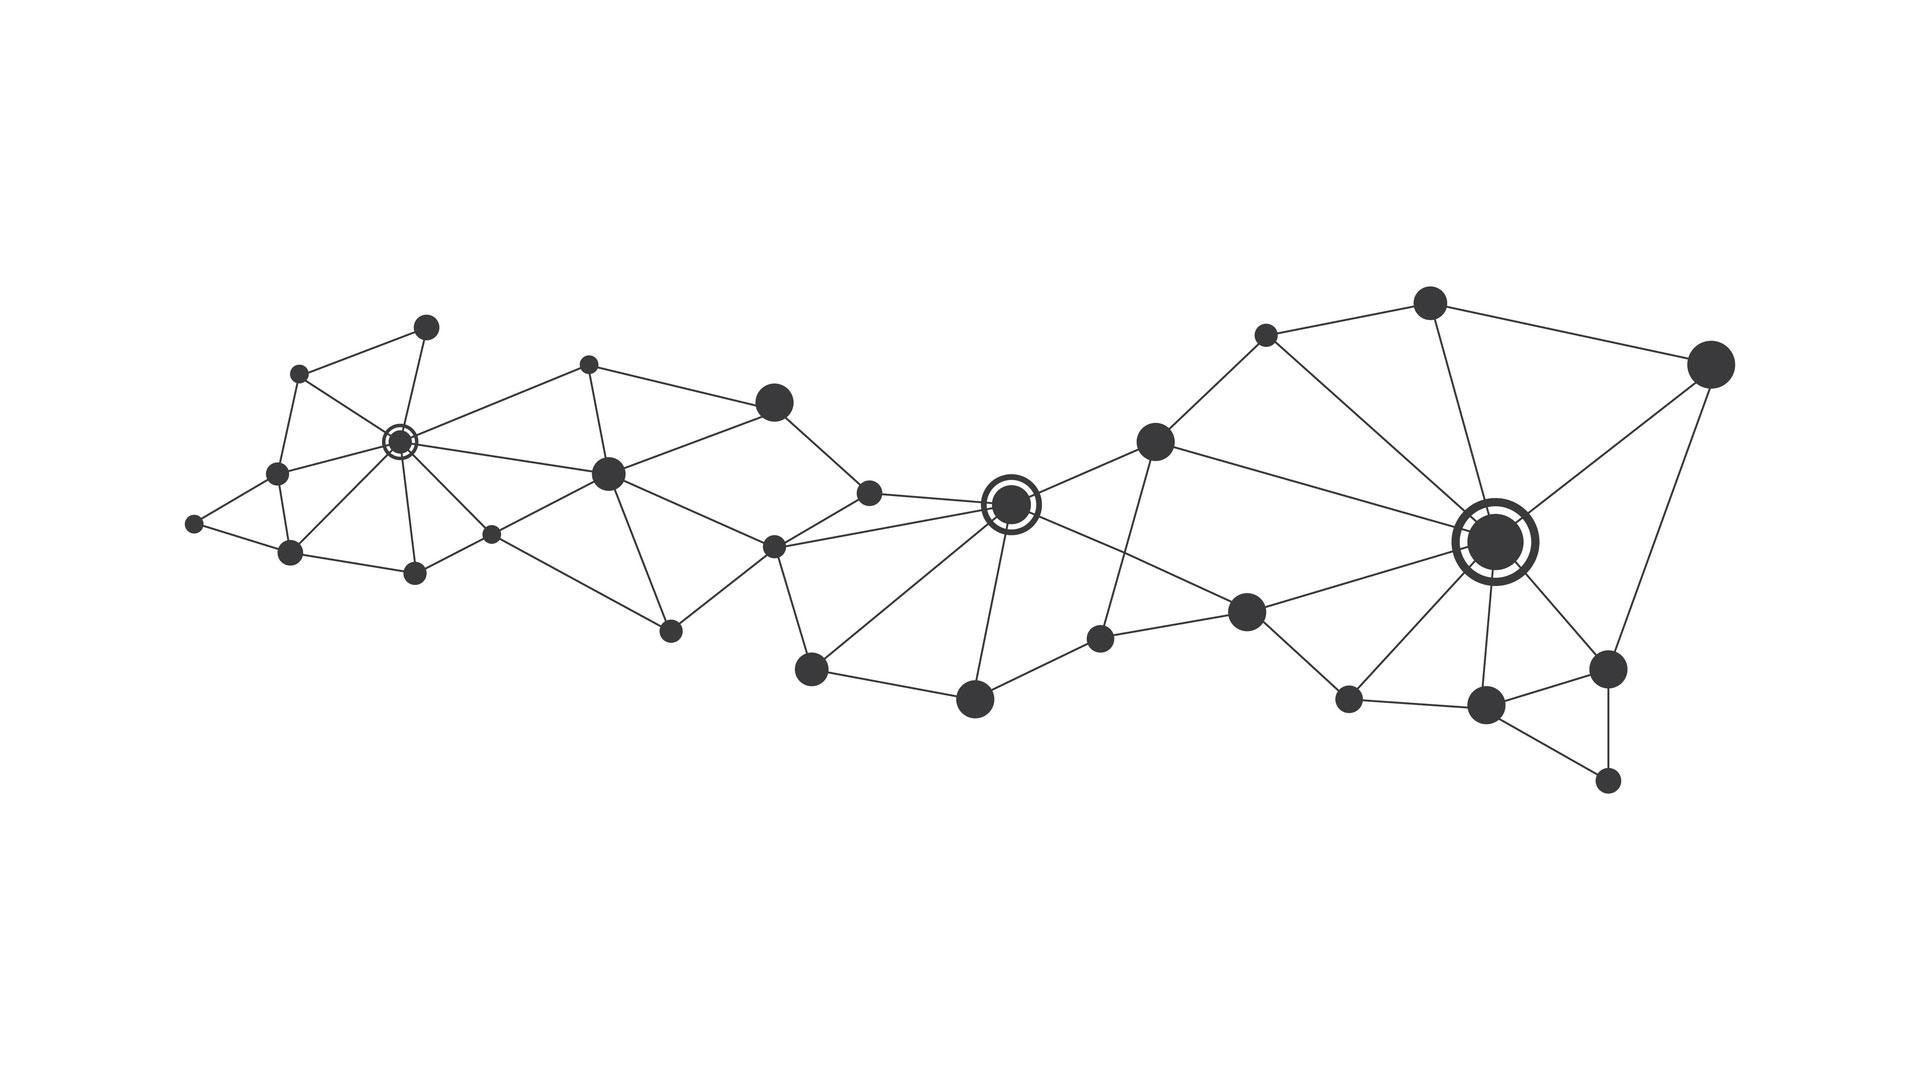 Reti distribuite: il cloud chiede più sicurezza nelle SD-WAN